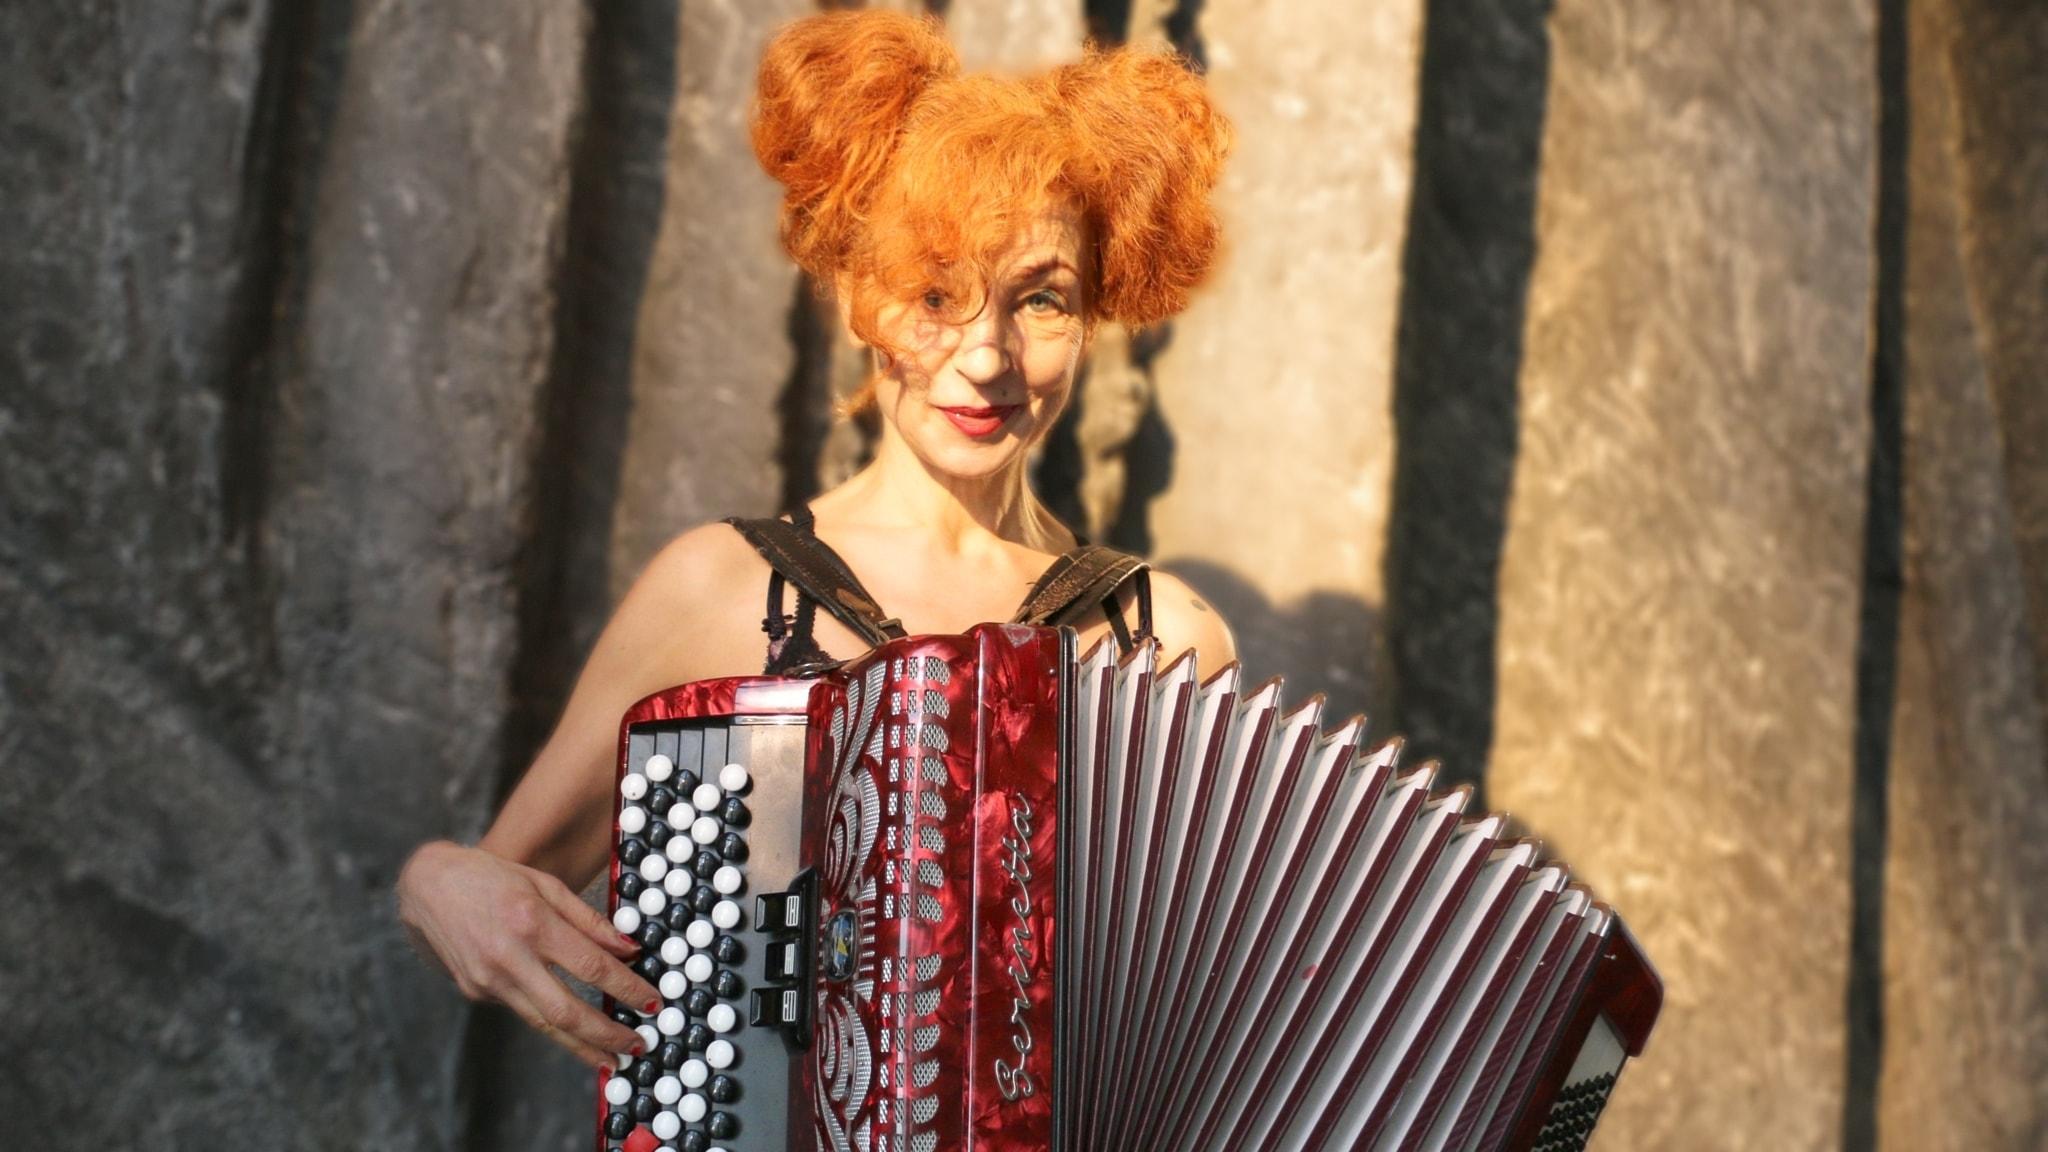 Artisten Marta Oldenburg poserar med sitt dragspel. Hon har stort rött hår och färgen på dragspelet är också röd. Belysningen är dramatisk.